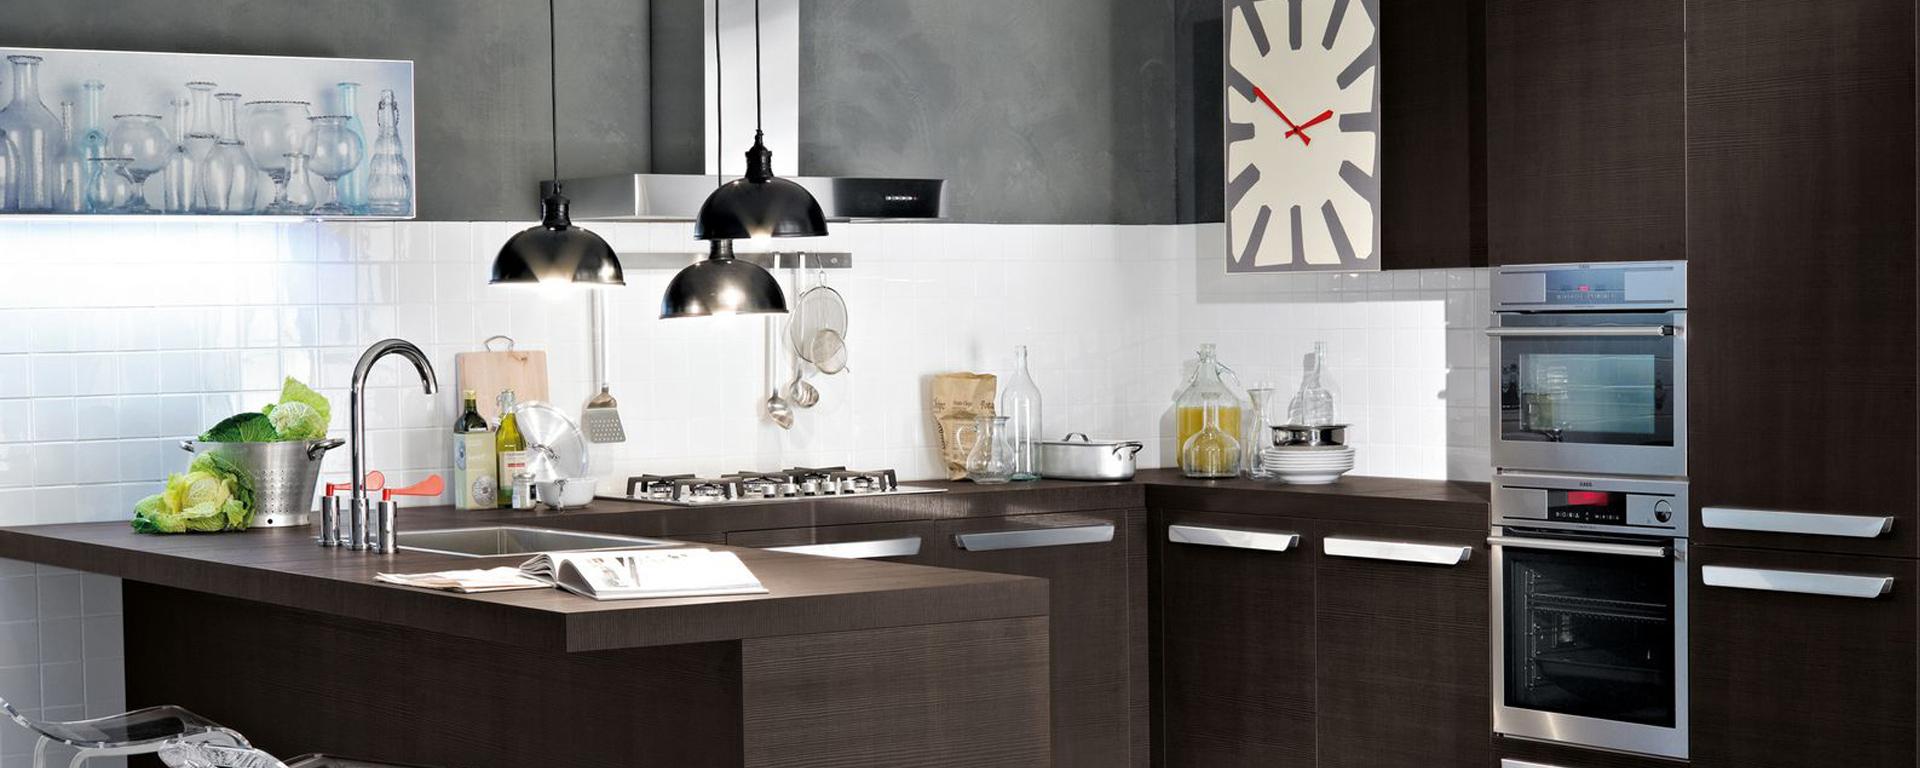 Las mejores cocinas Elche, la carpintería en Elche Madecor hará la cocina de tus sueños con los mejores materiales